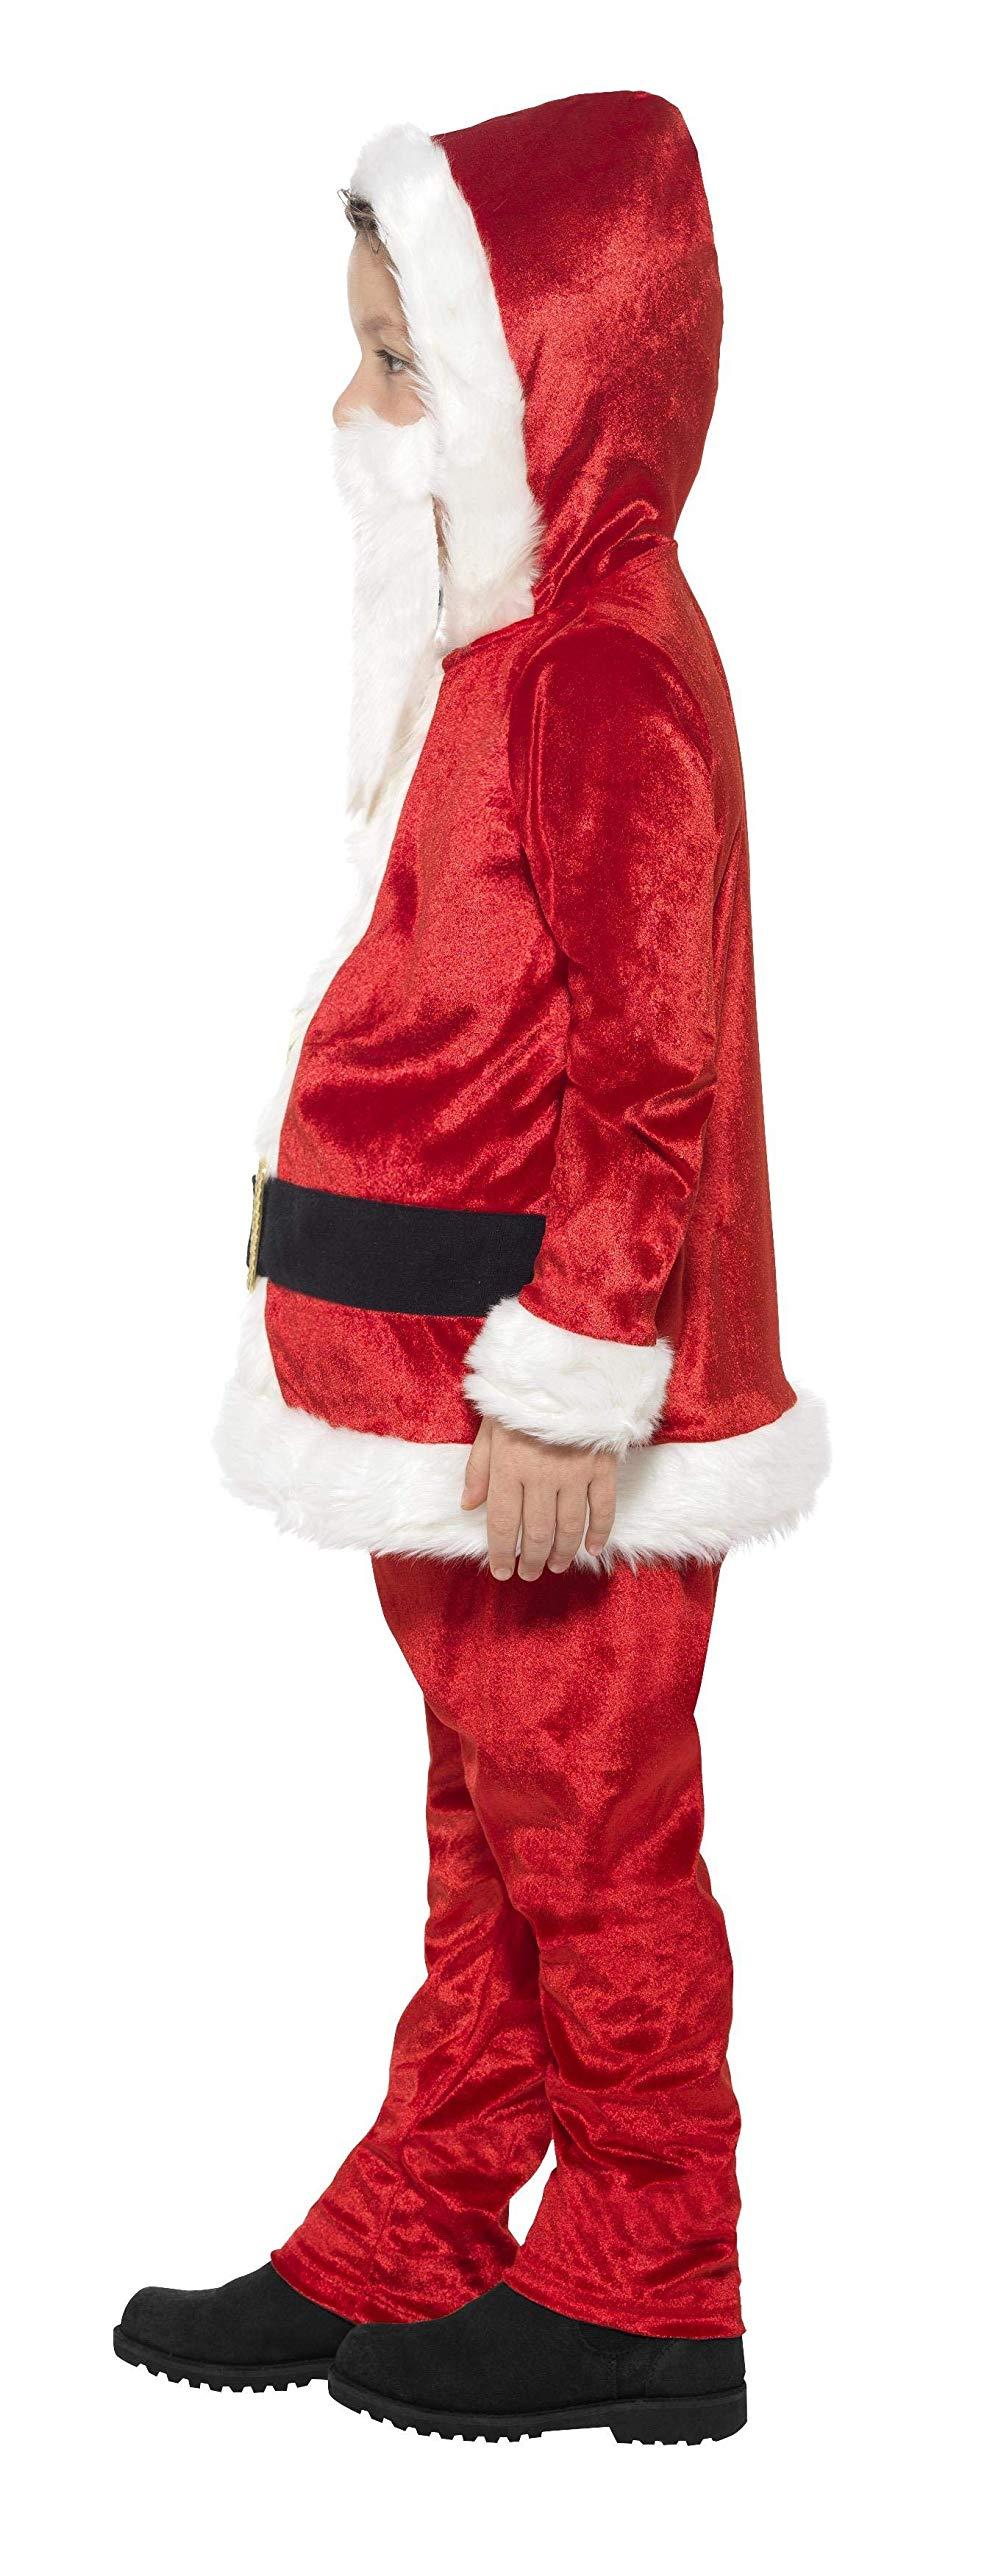 SMIFFY 36988 Weihnachtsfrau Kapuzen Santa Claus Nikolaus Kostüm Weihnachten